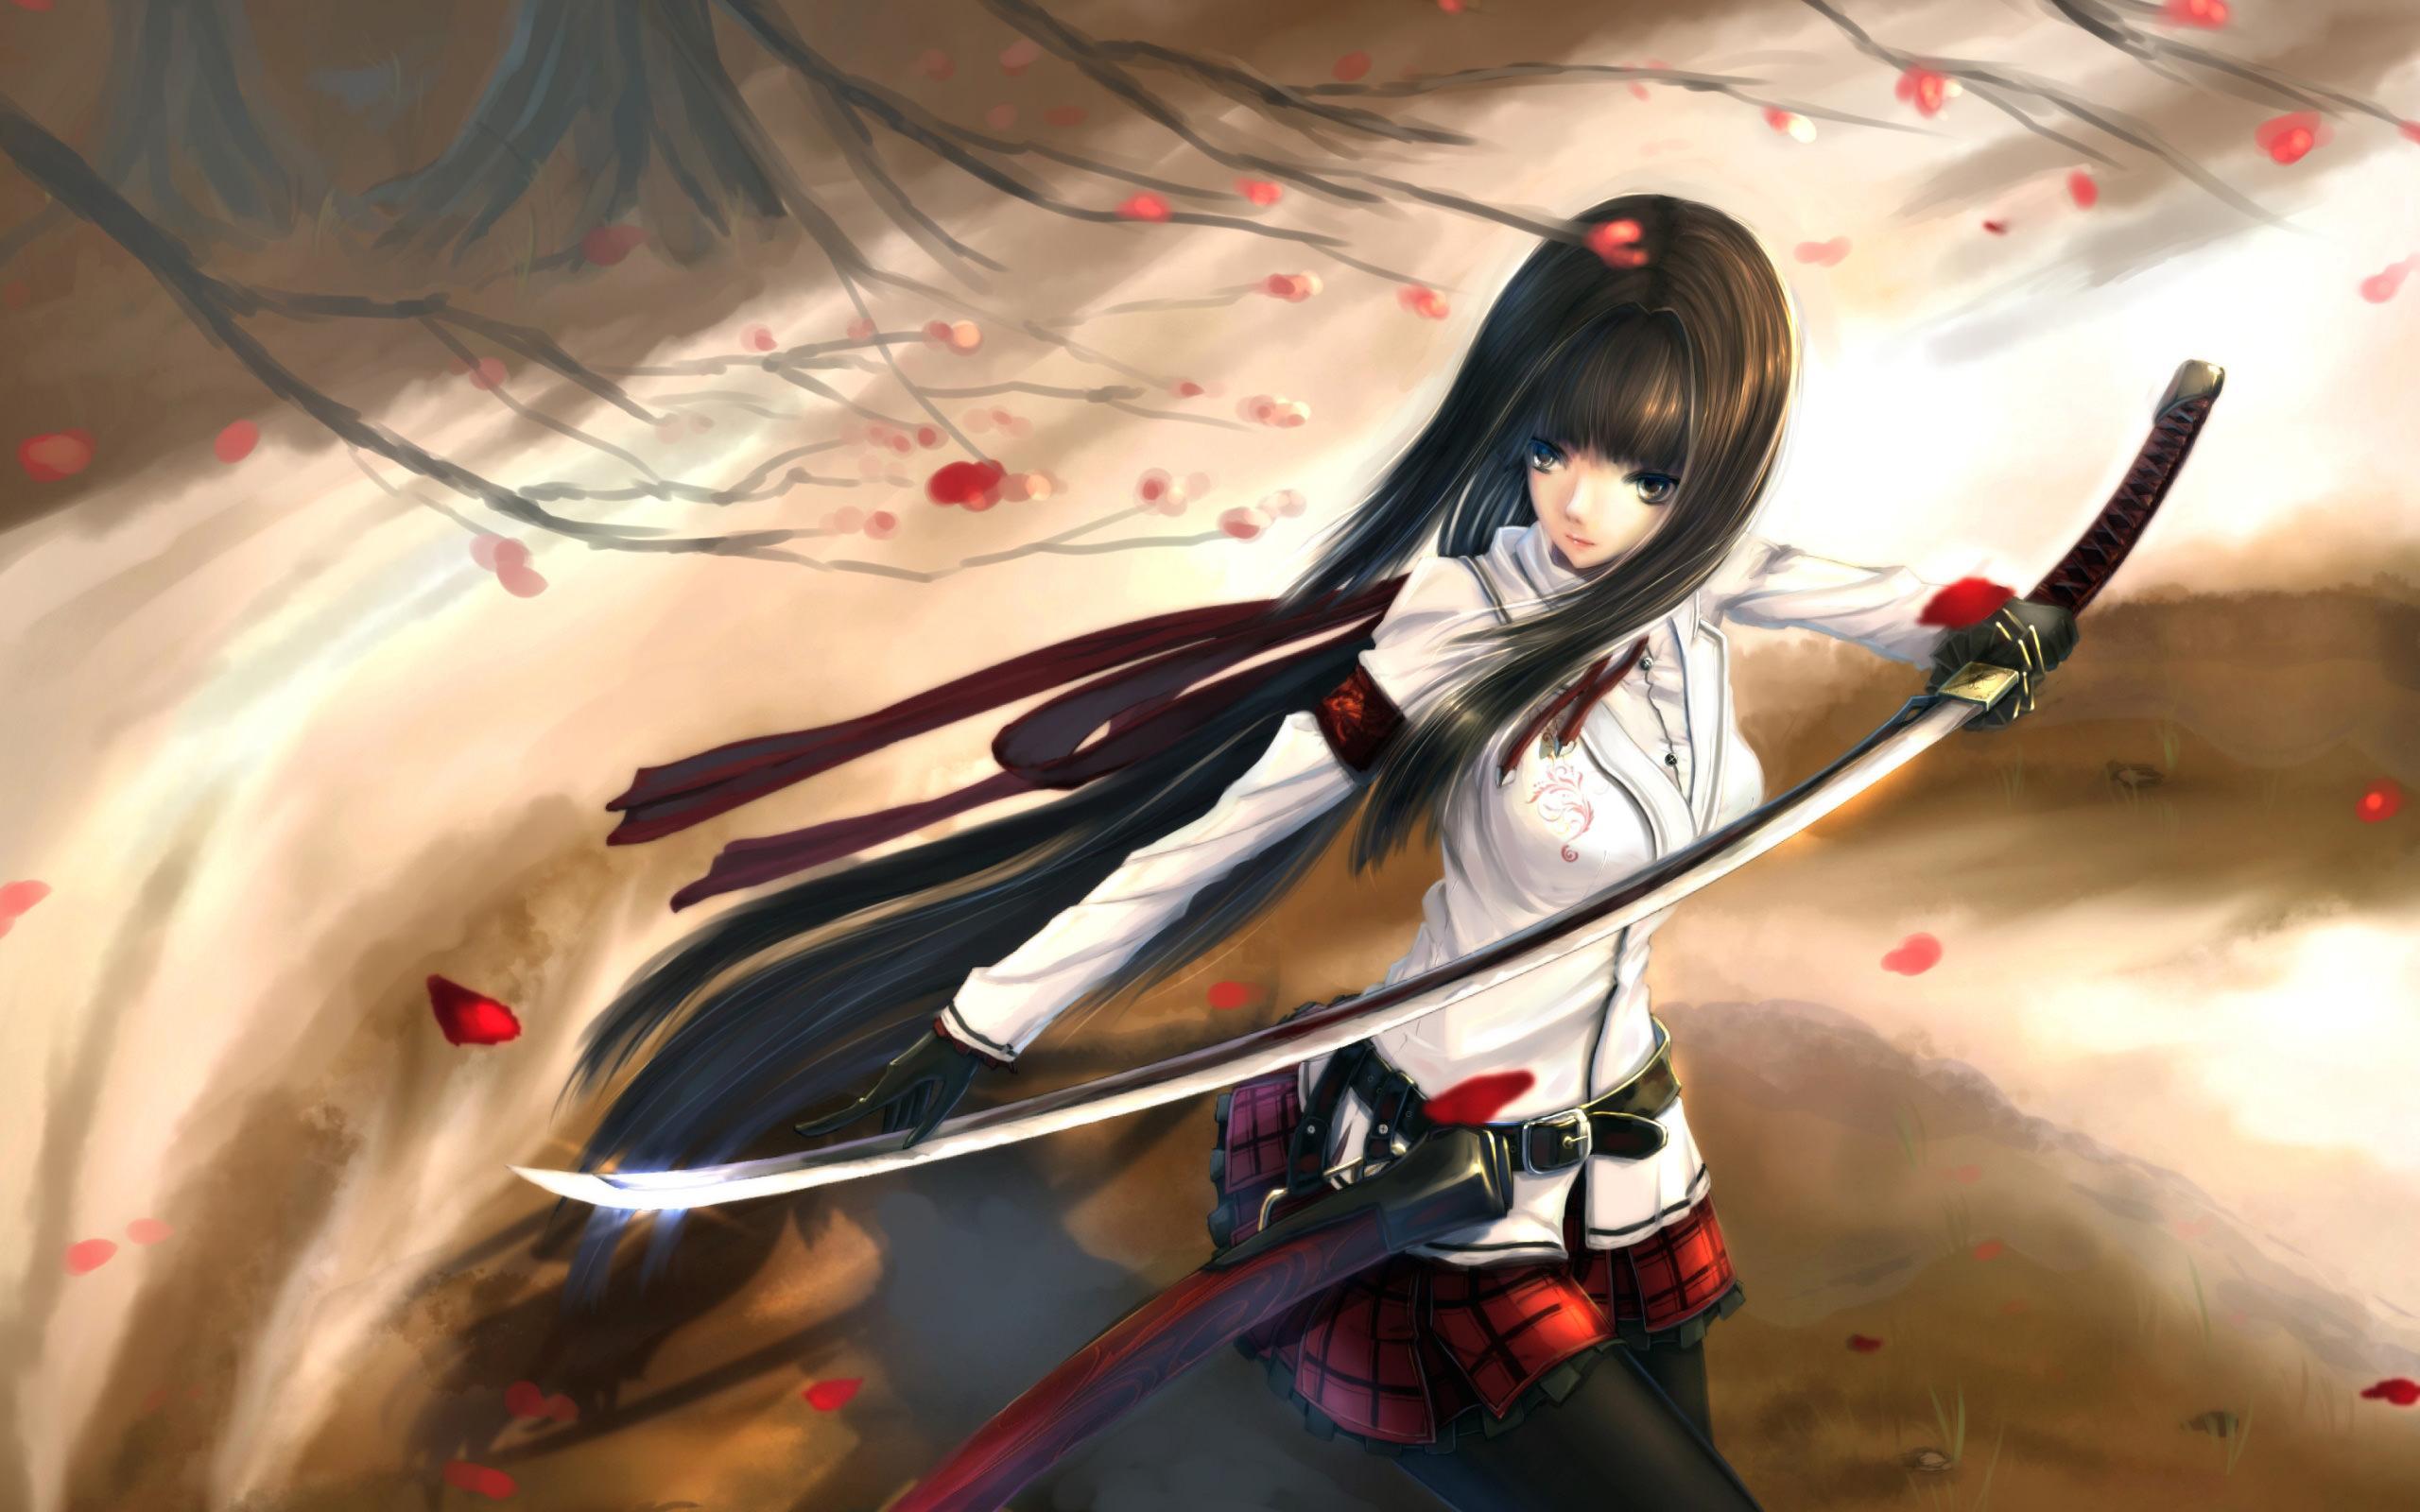 Katana sword wallpapers top free katana sword - Girl with sword wallpaper ...